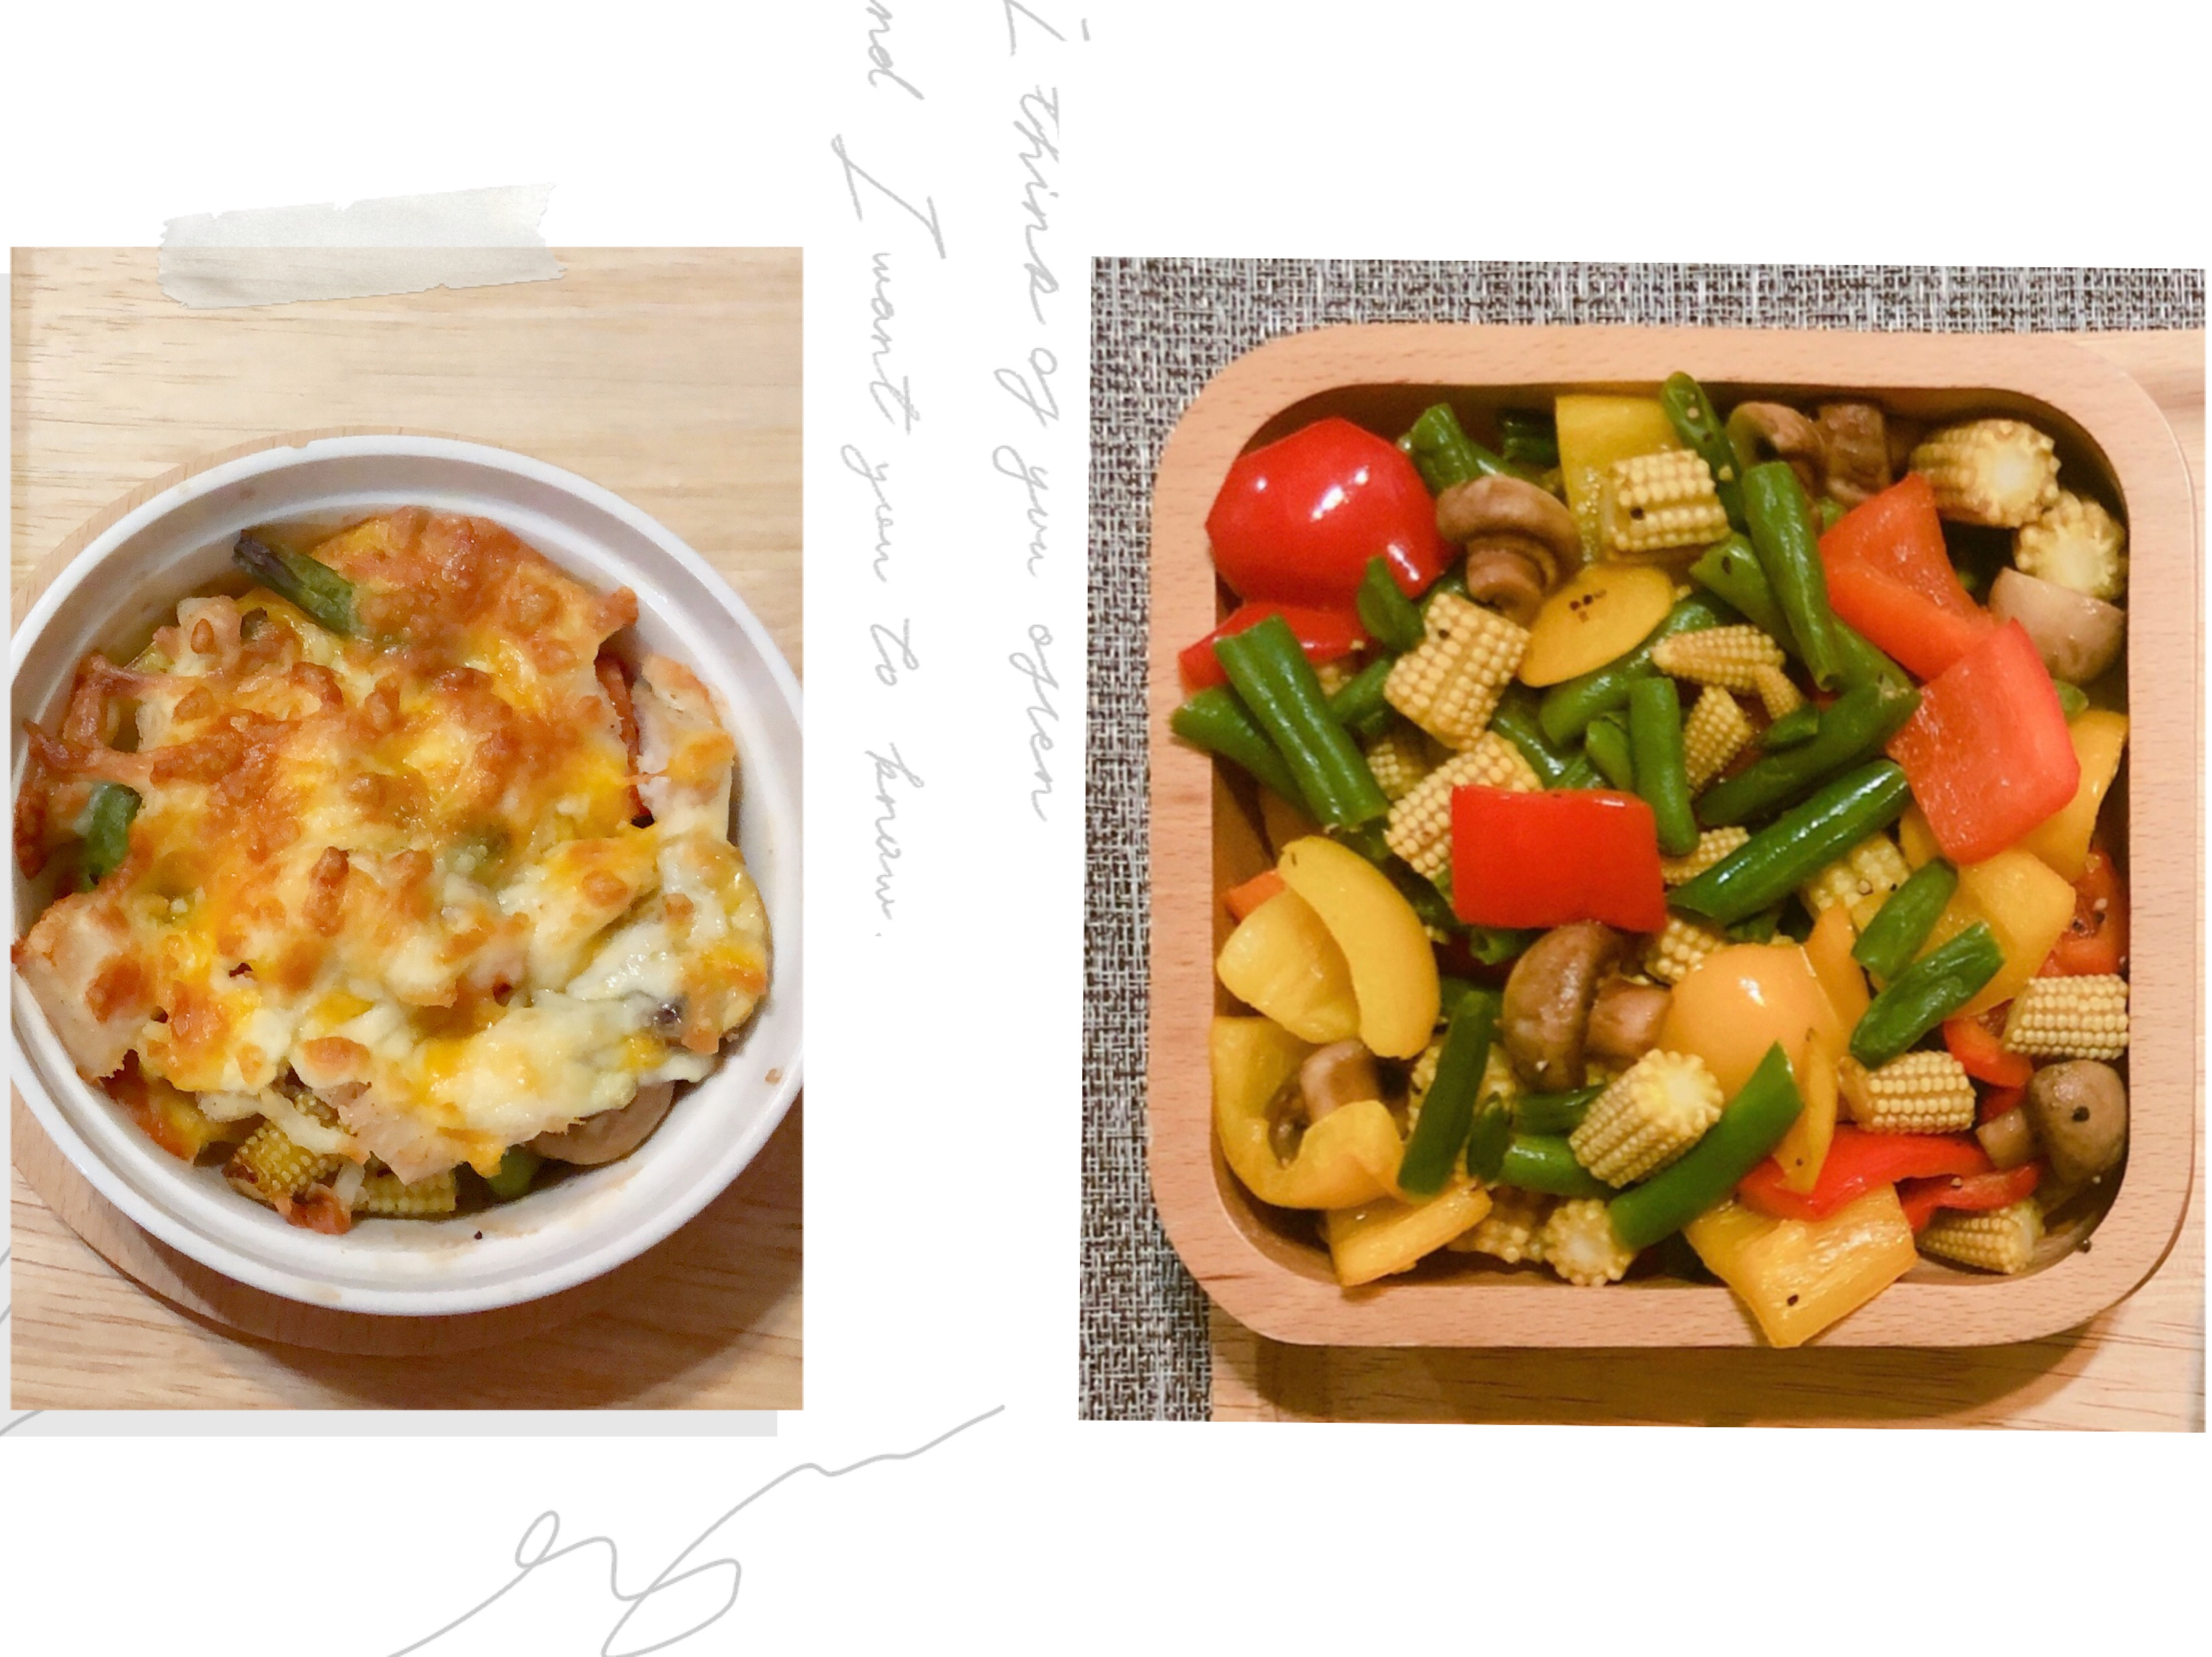 氣炸鍋-義式烤蔬菜/焗烤野蔬